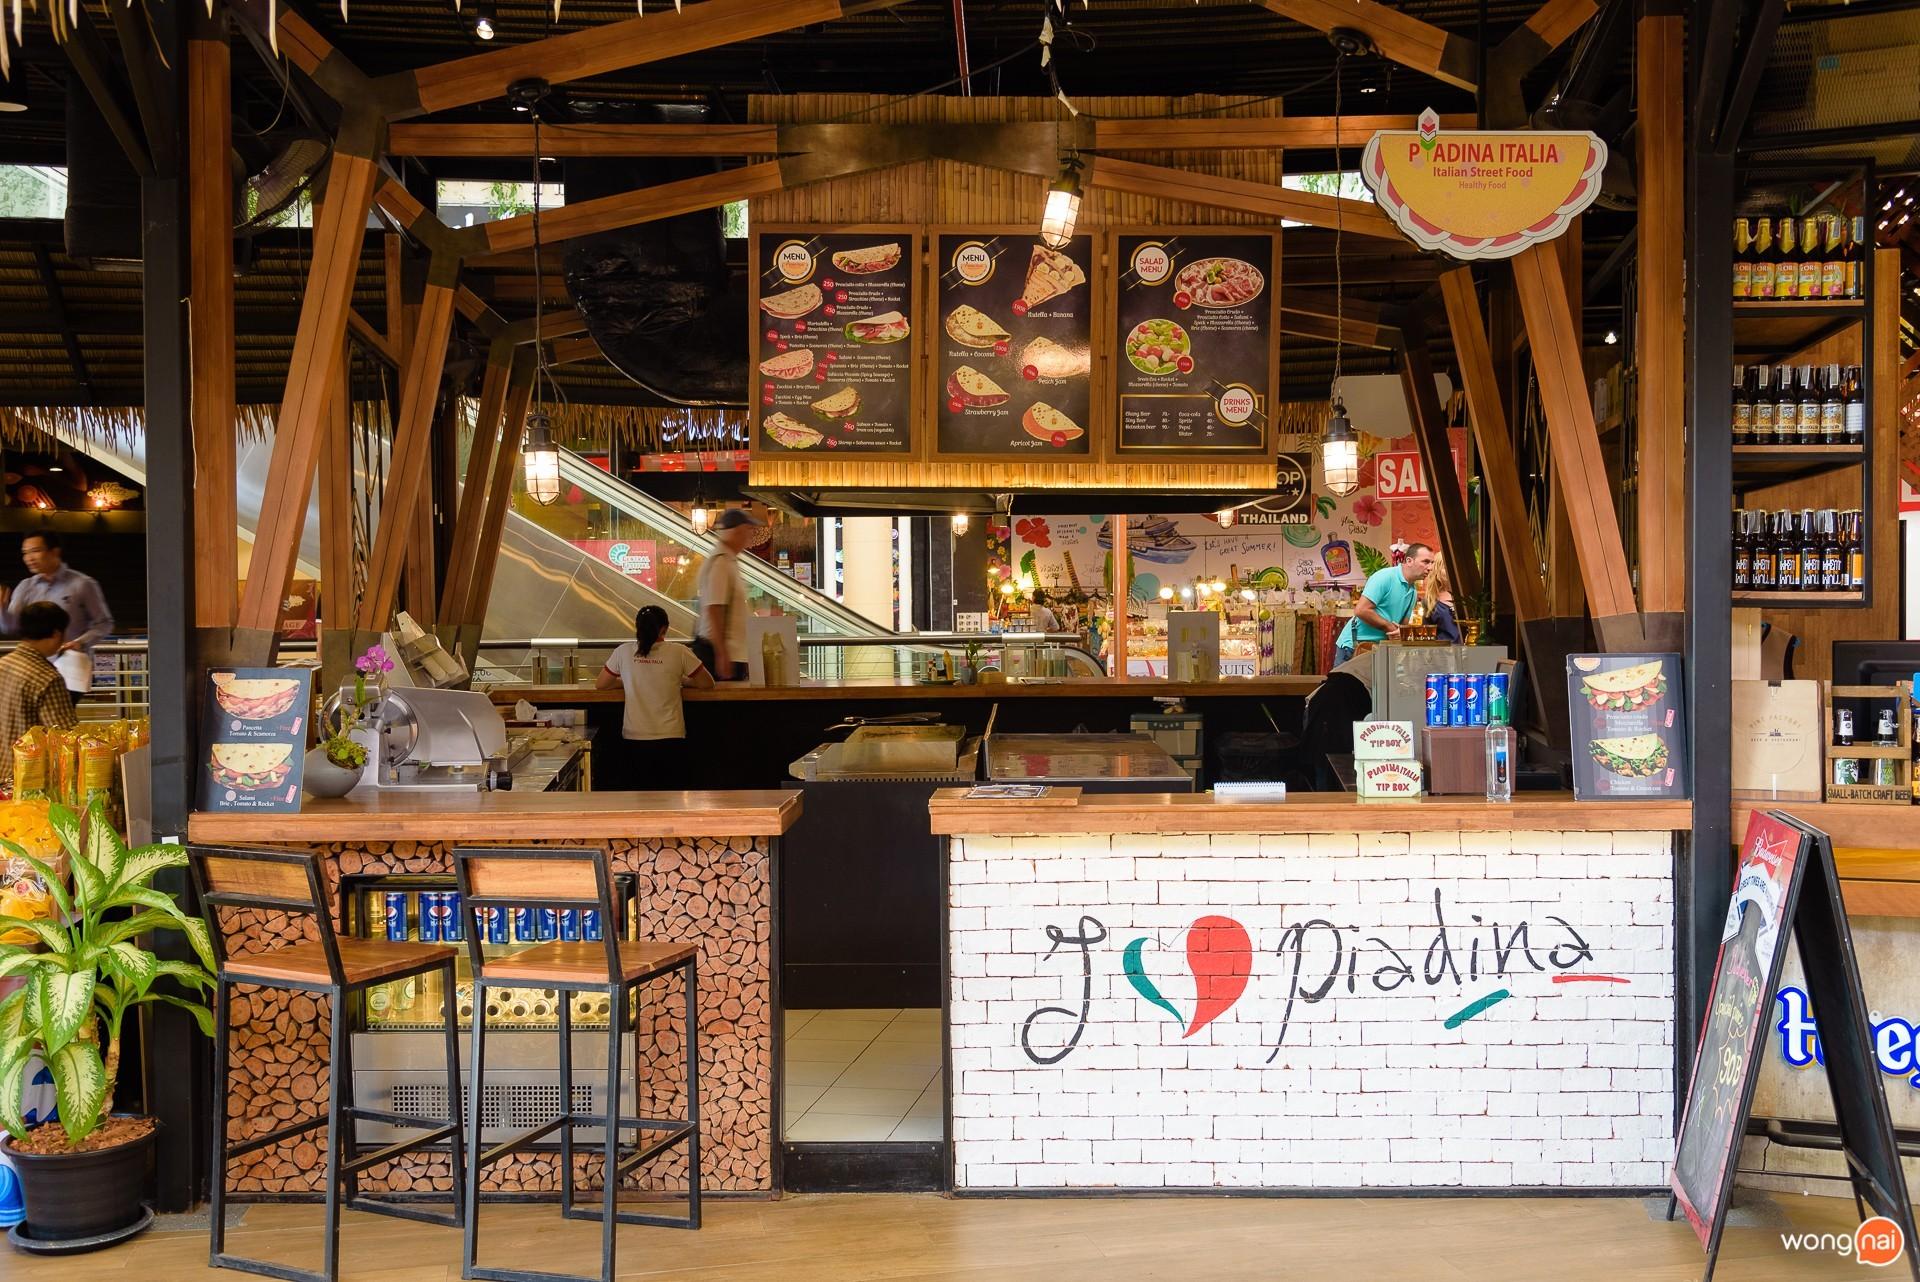 บรรยากาศหน้าร้าน Piadina ในโซน Public House ของห้าง Central Festival Phuket